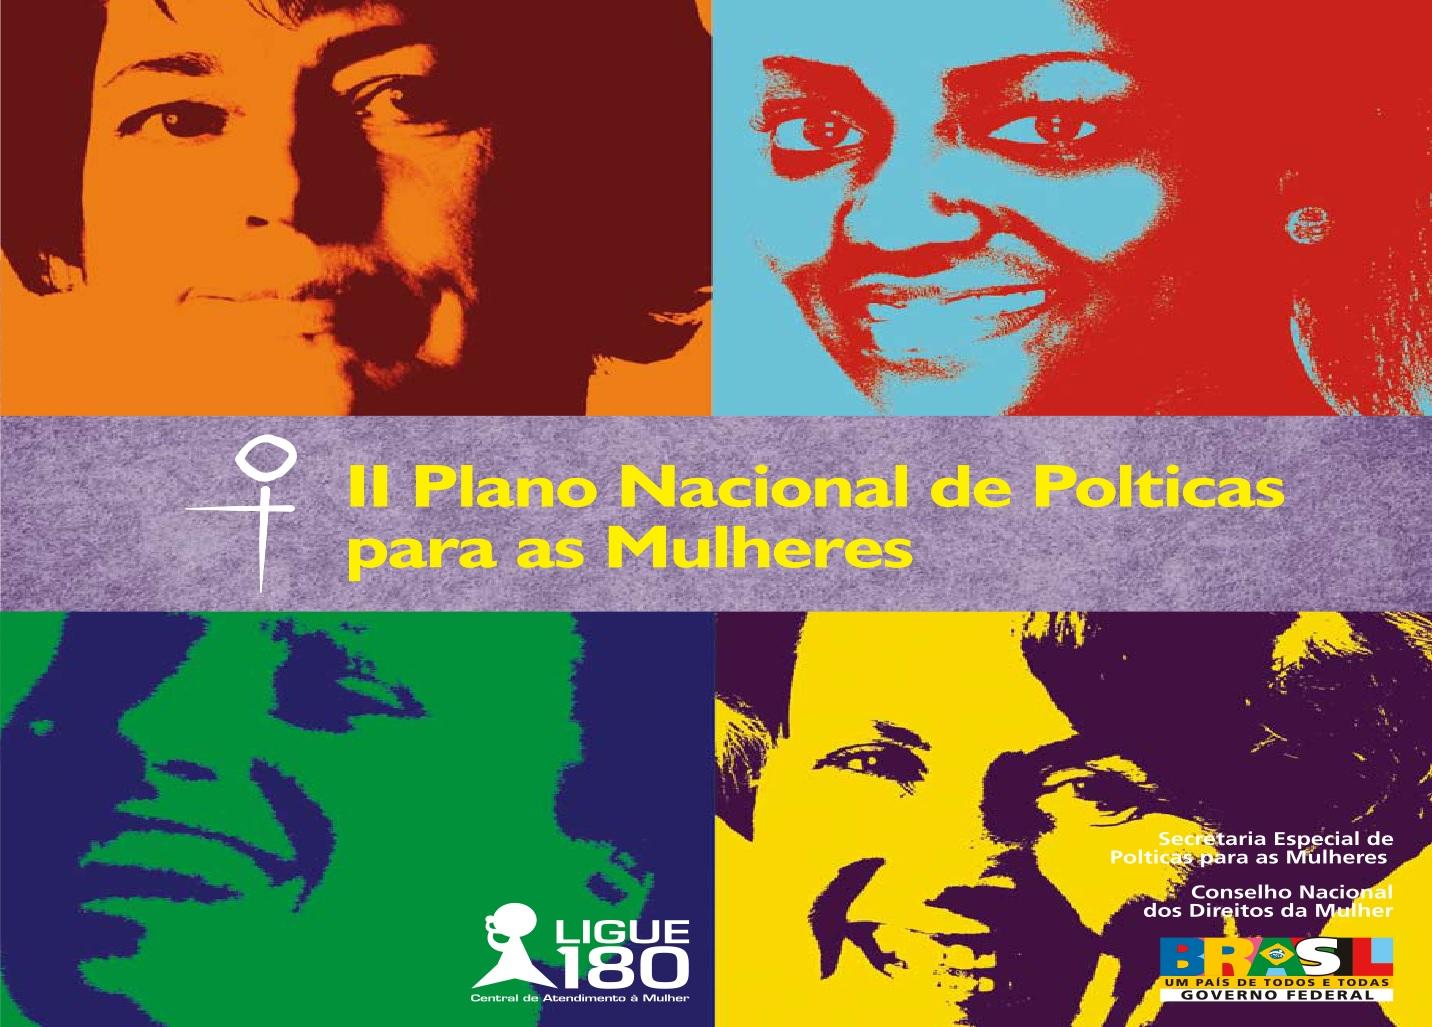 II Plano Distrital de Políticas para Mulheres